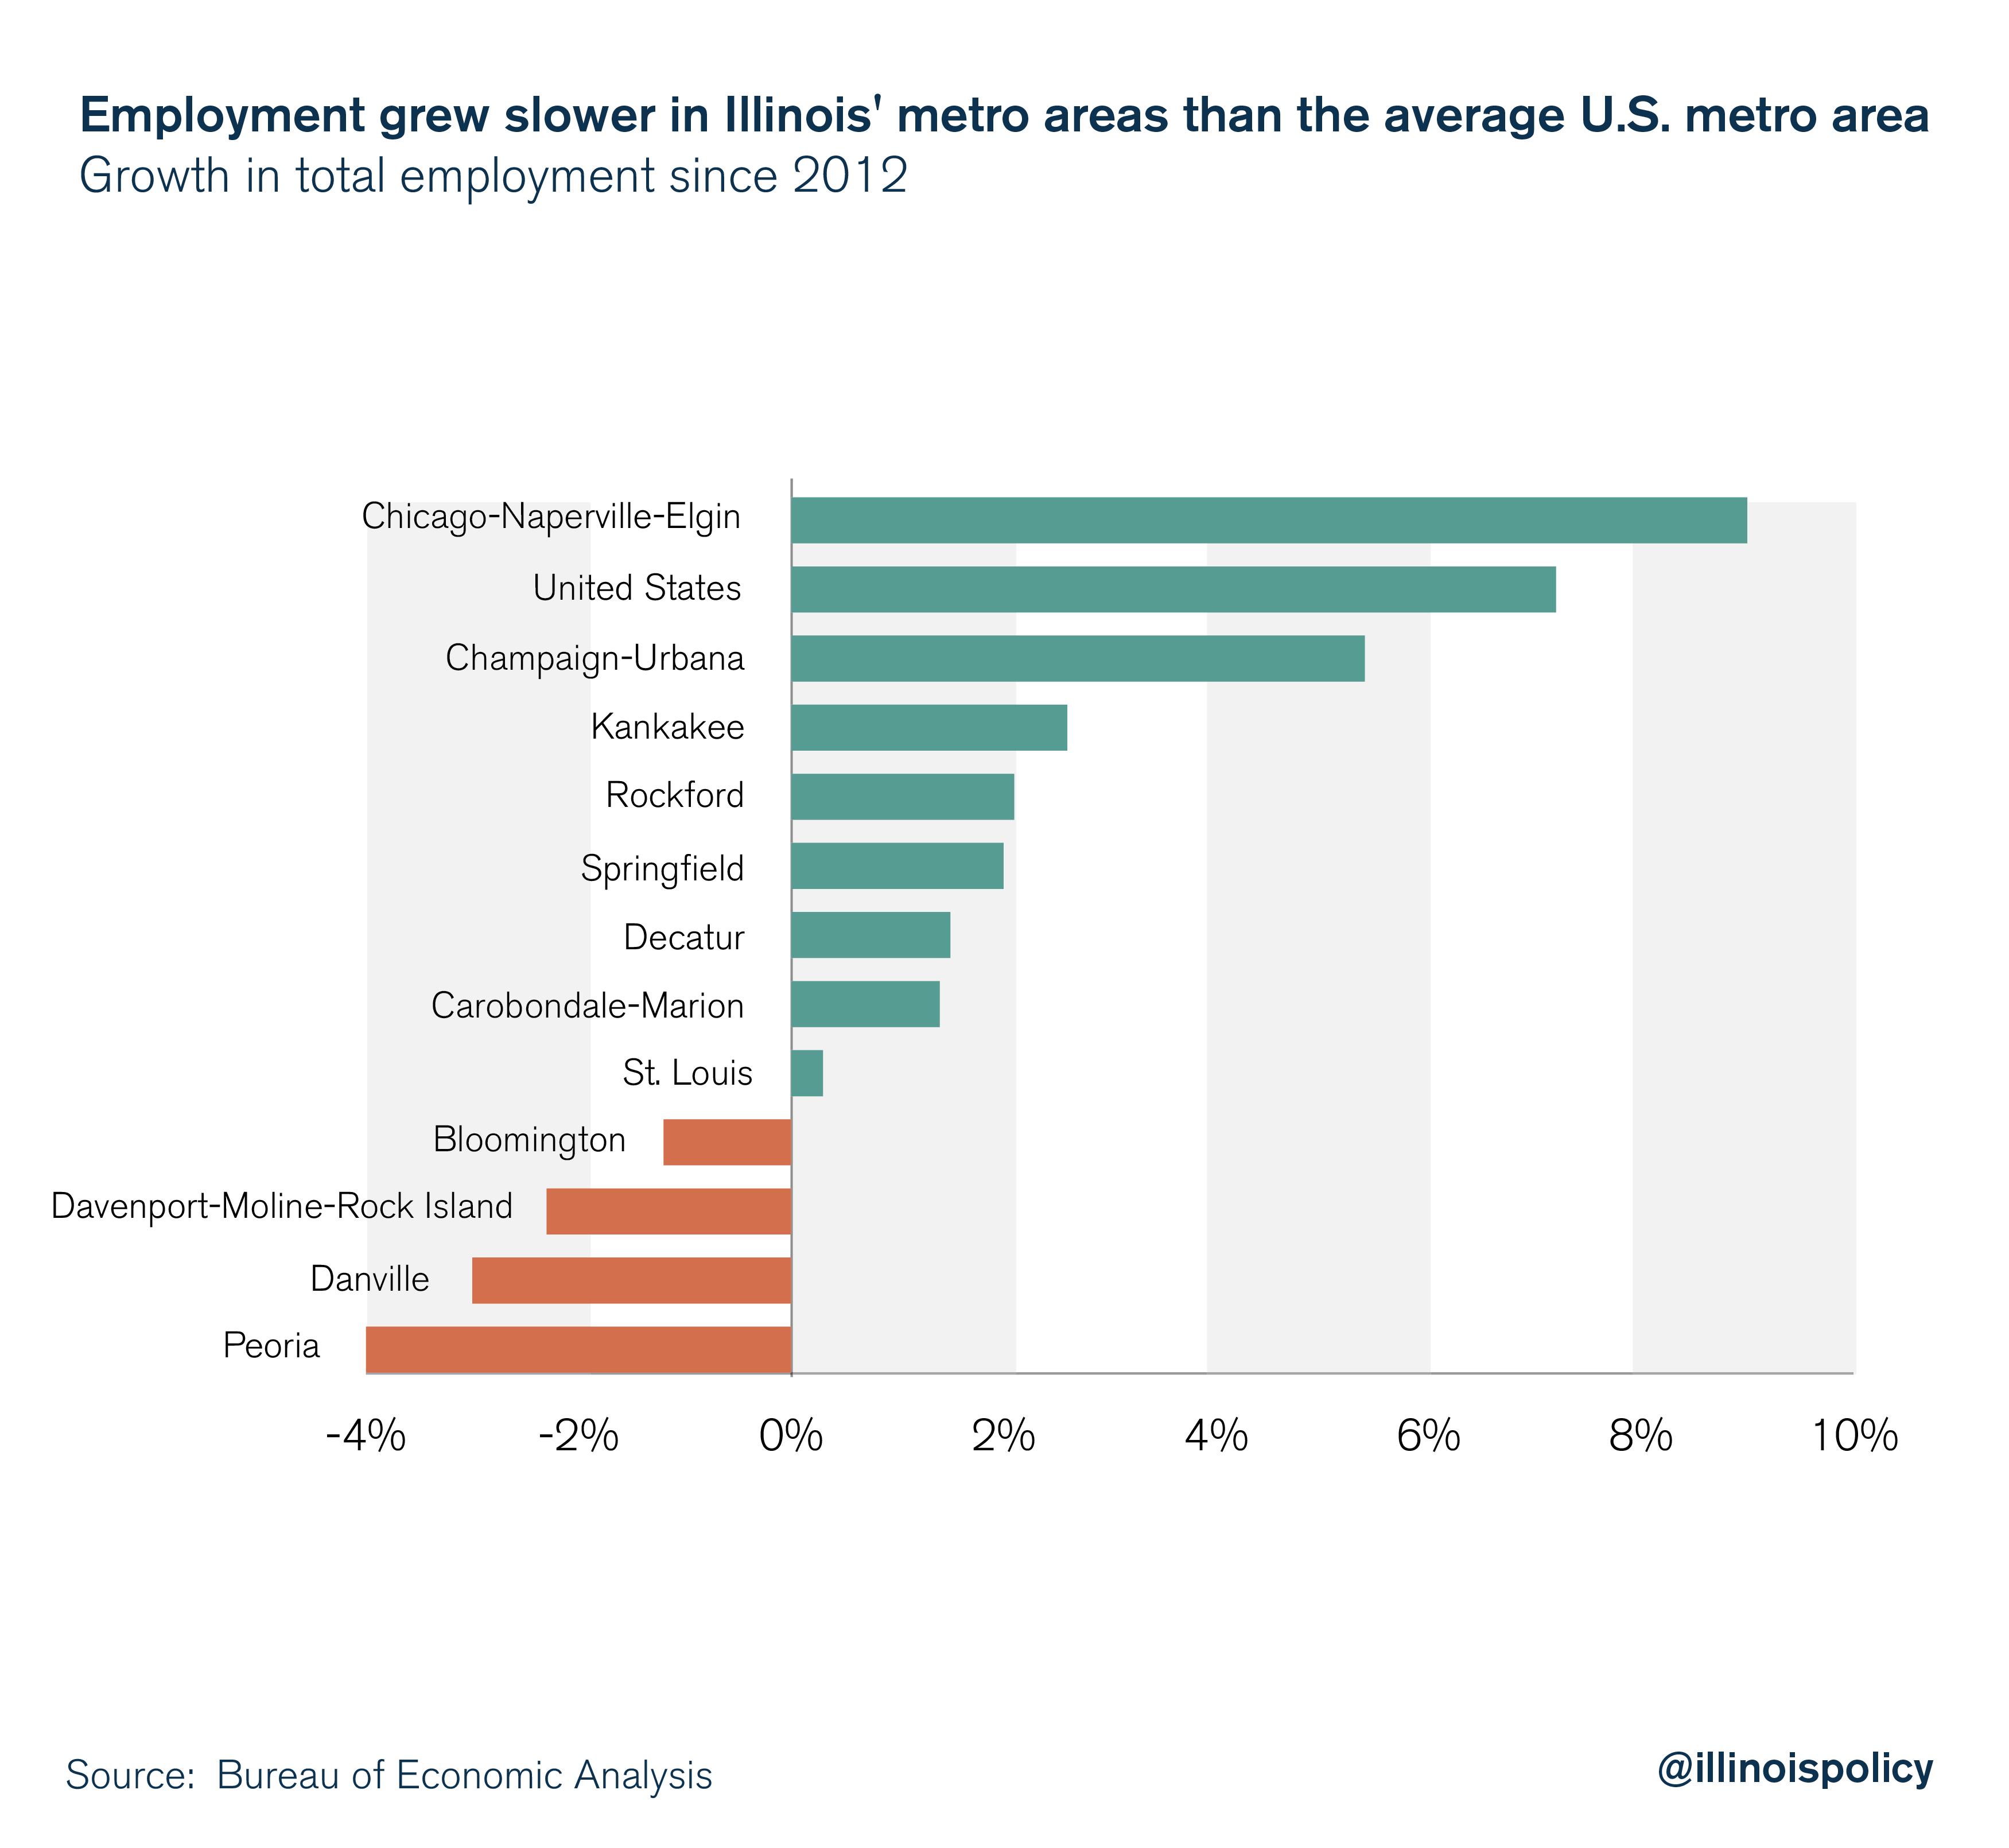 Employment grew slower in Illinois' metro areas than the average U.S. metro area